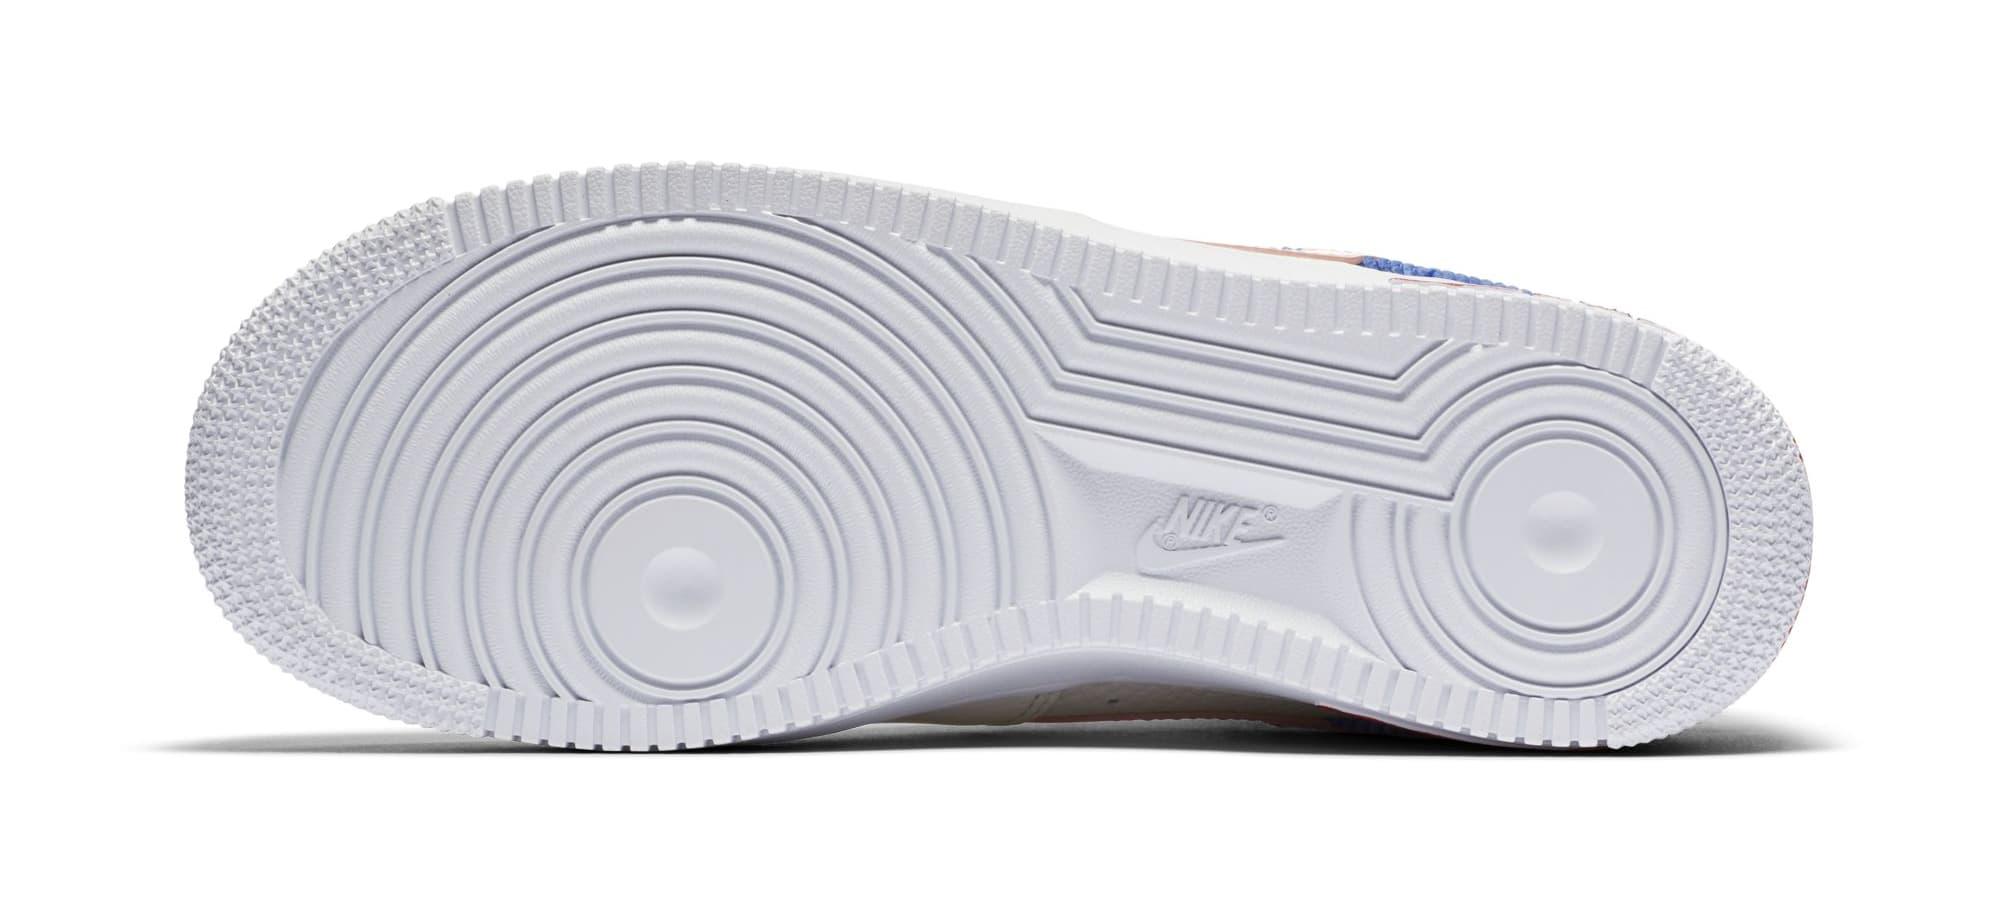 WMNS Nike Air Force 1 Panache (Bottom)